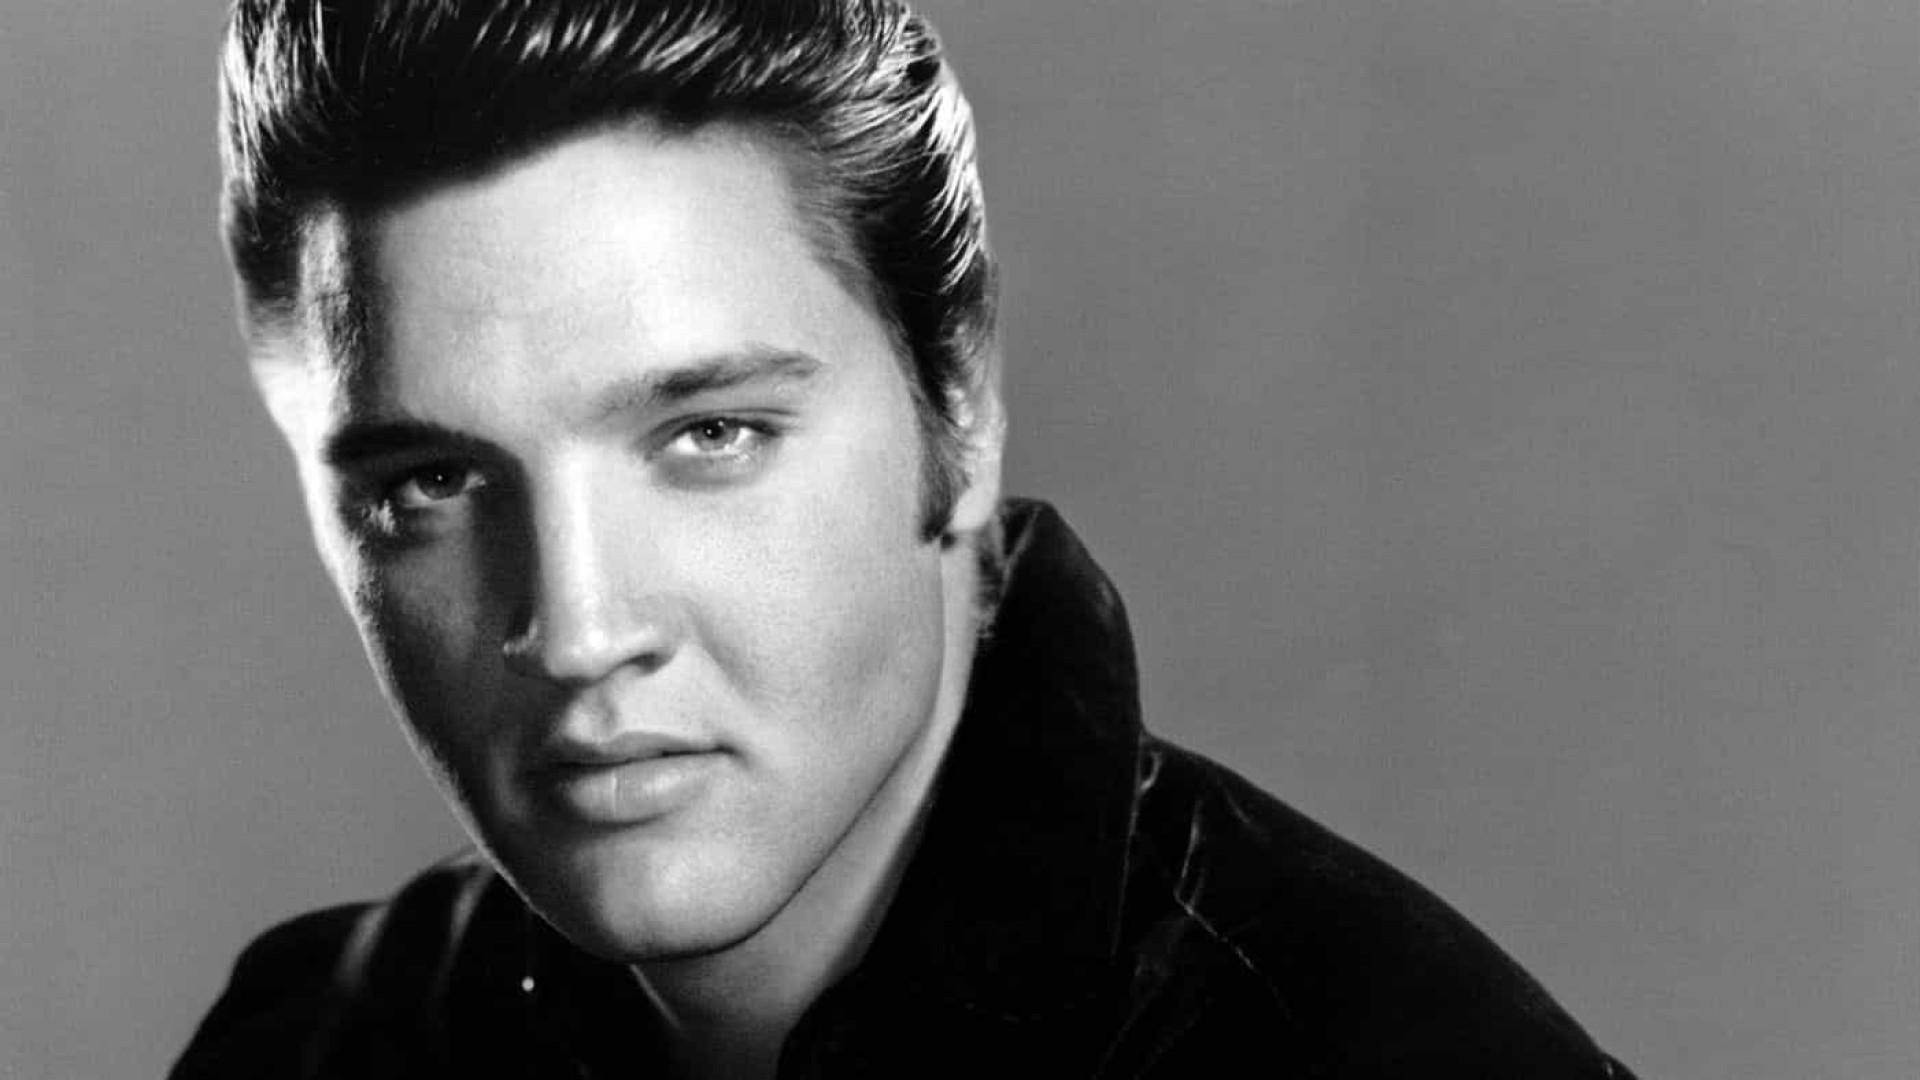 Morte de Elvis Presley completa 43 anos e ainda é envolta em mistérios